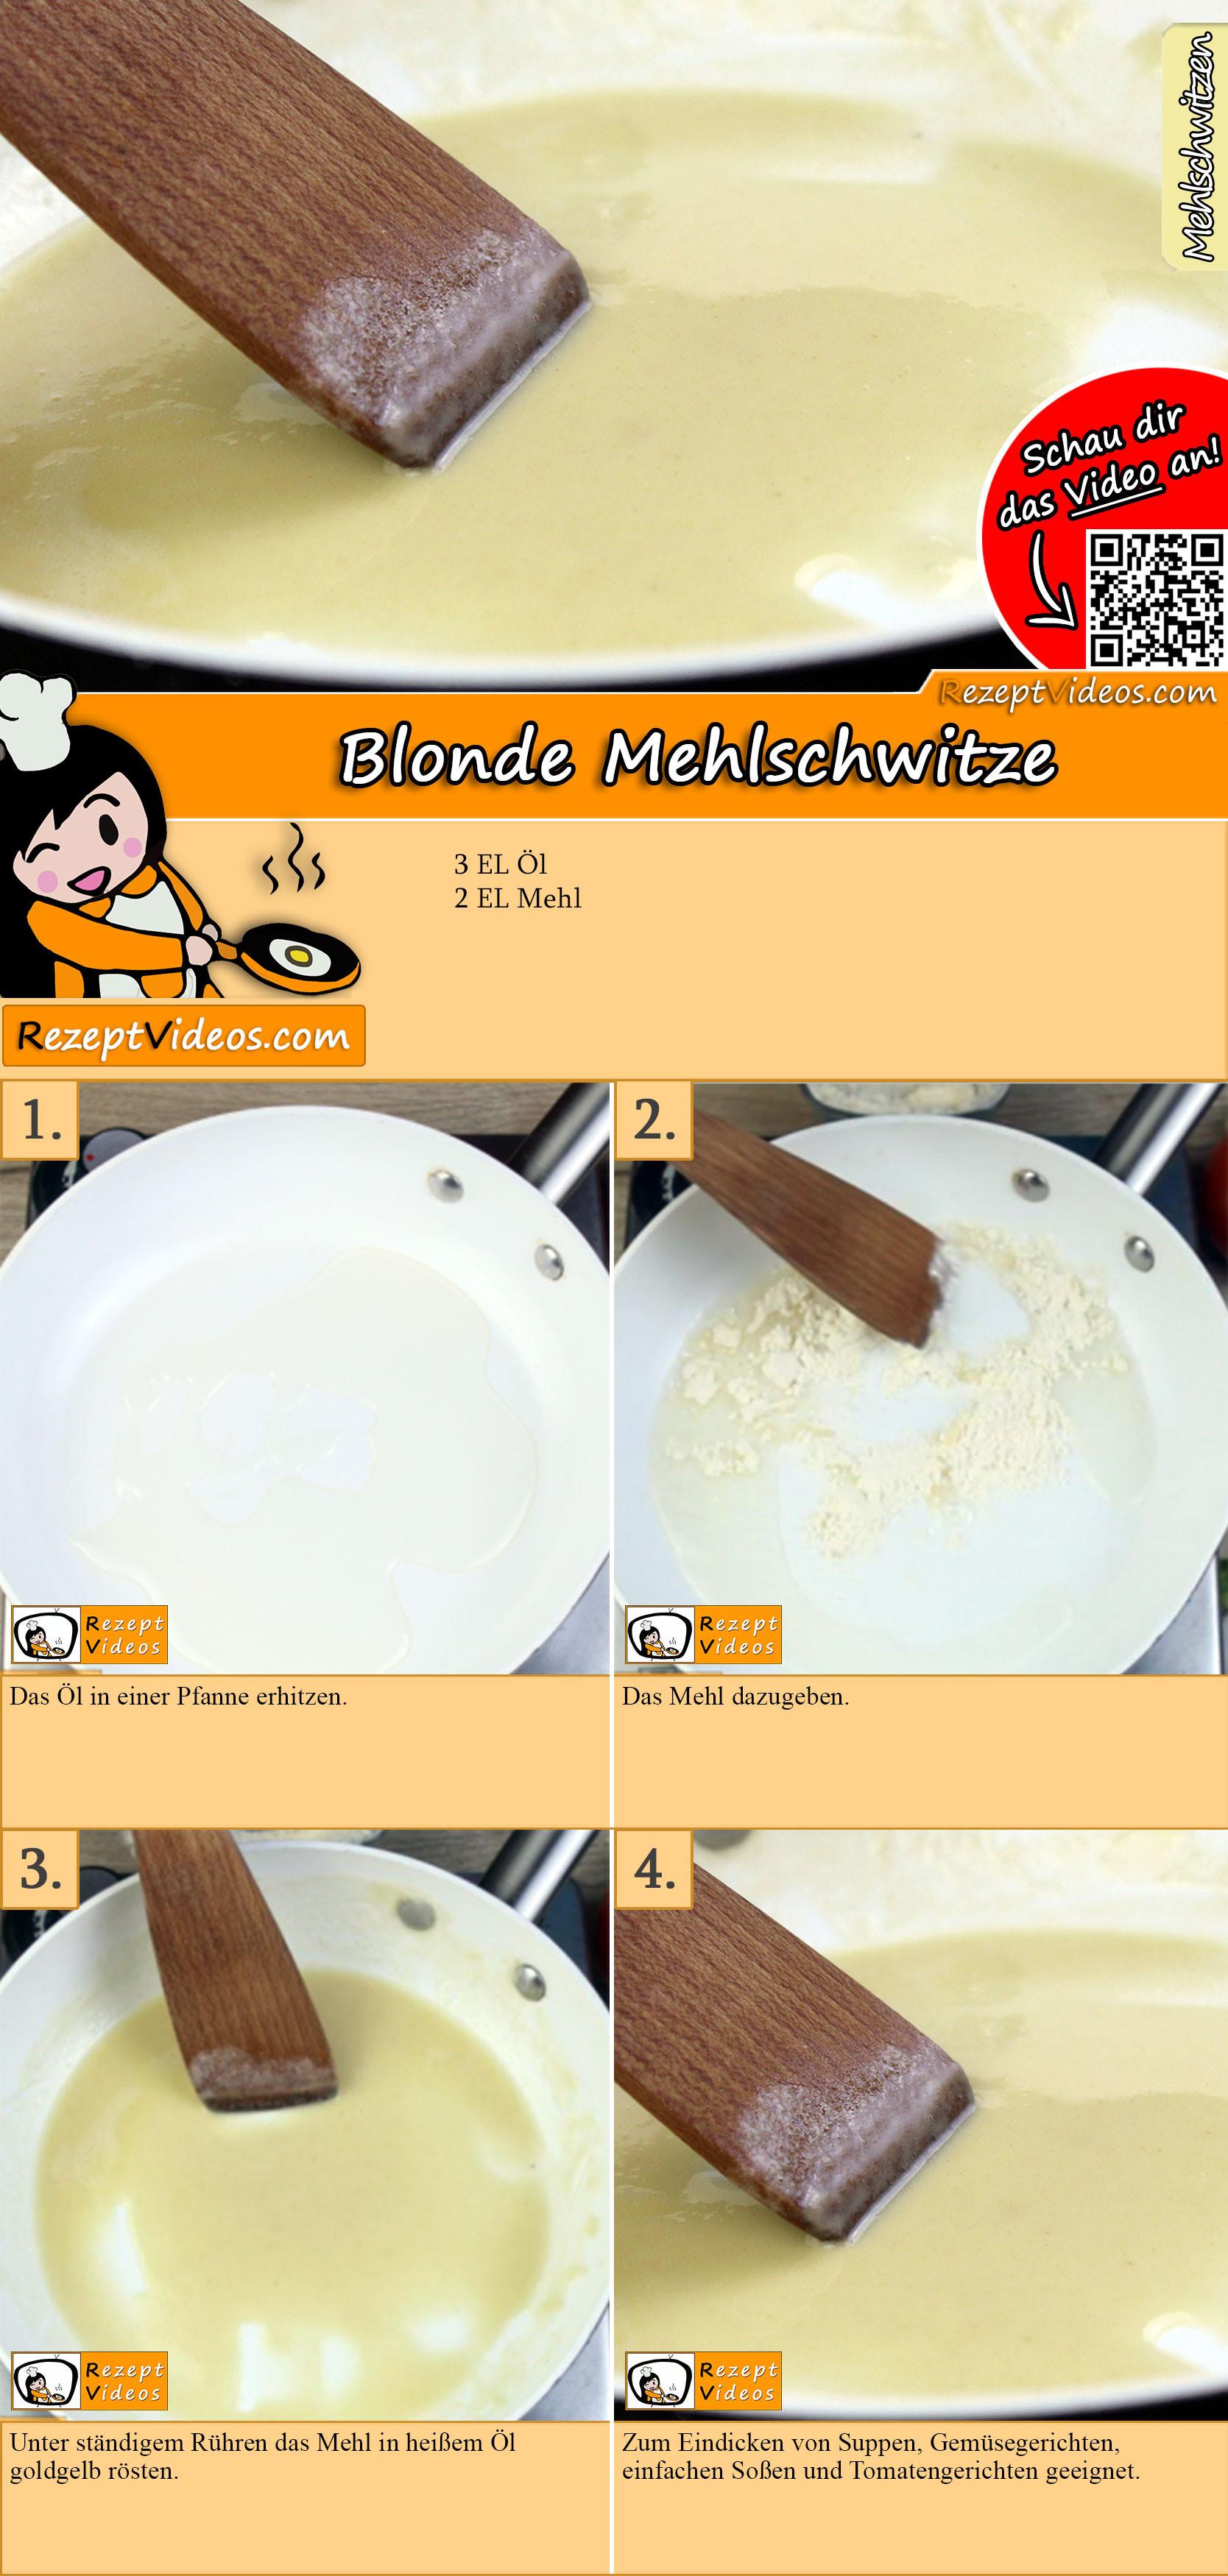 Blonde Mehlschwitze Rezept mit Video